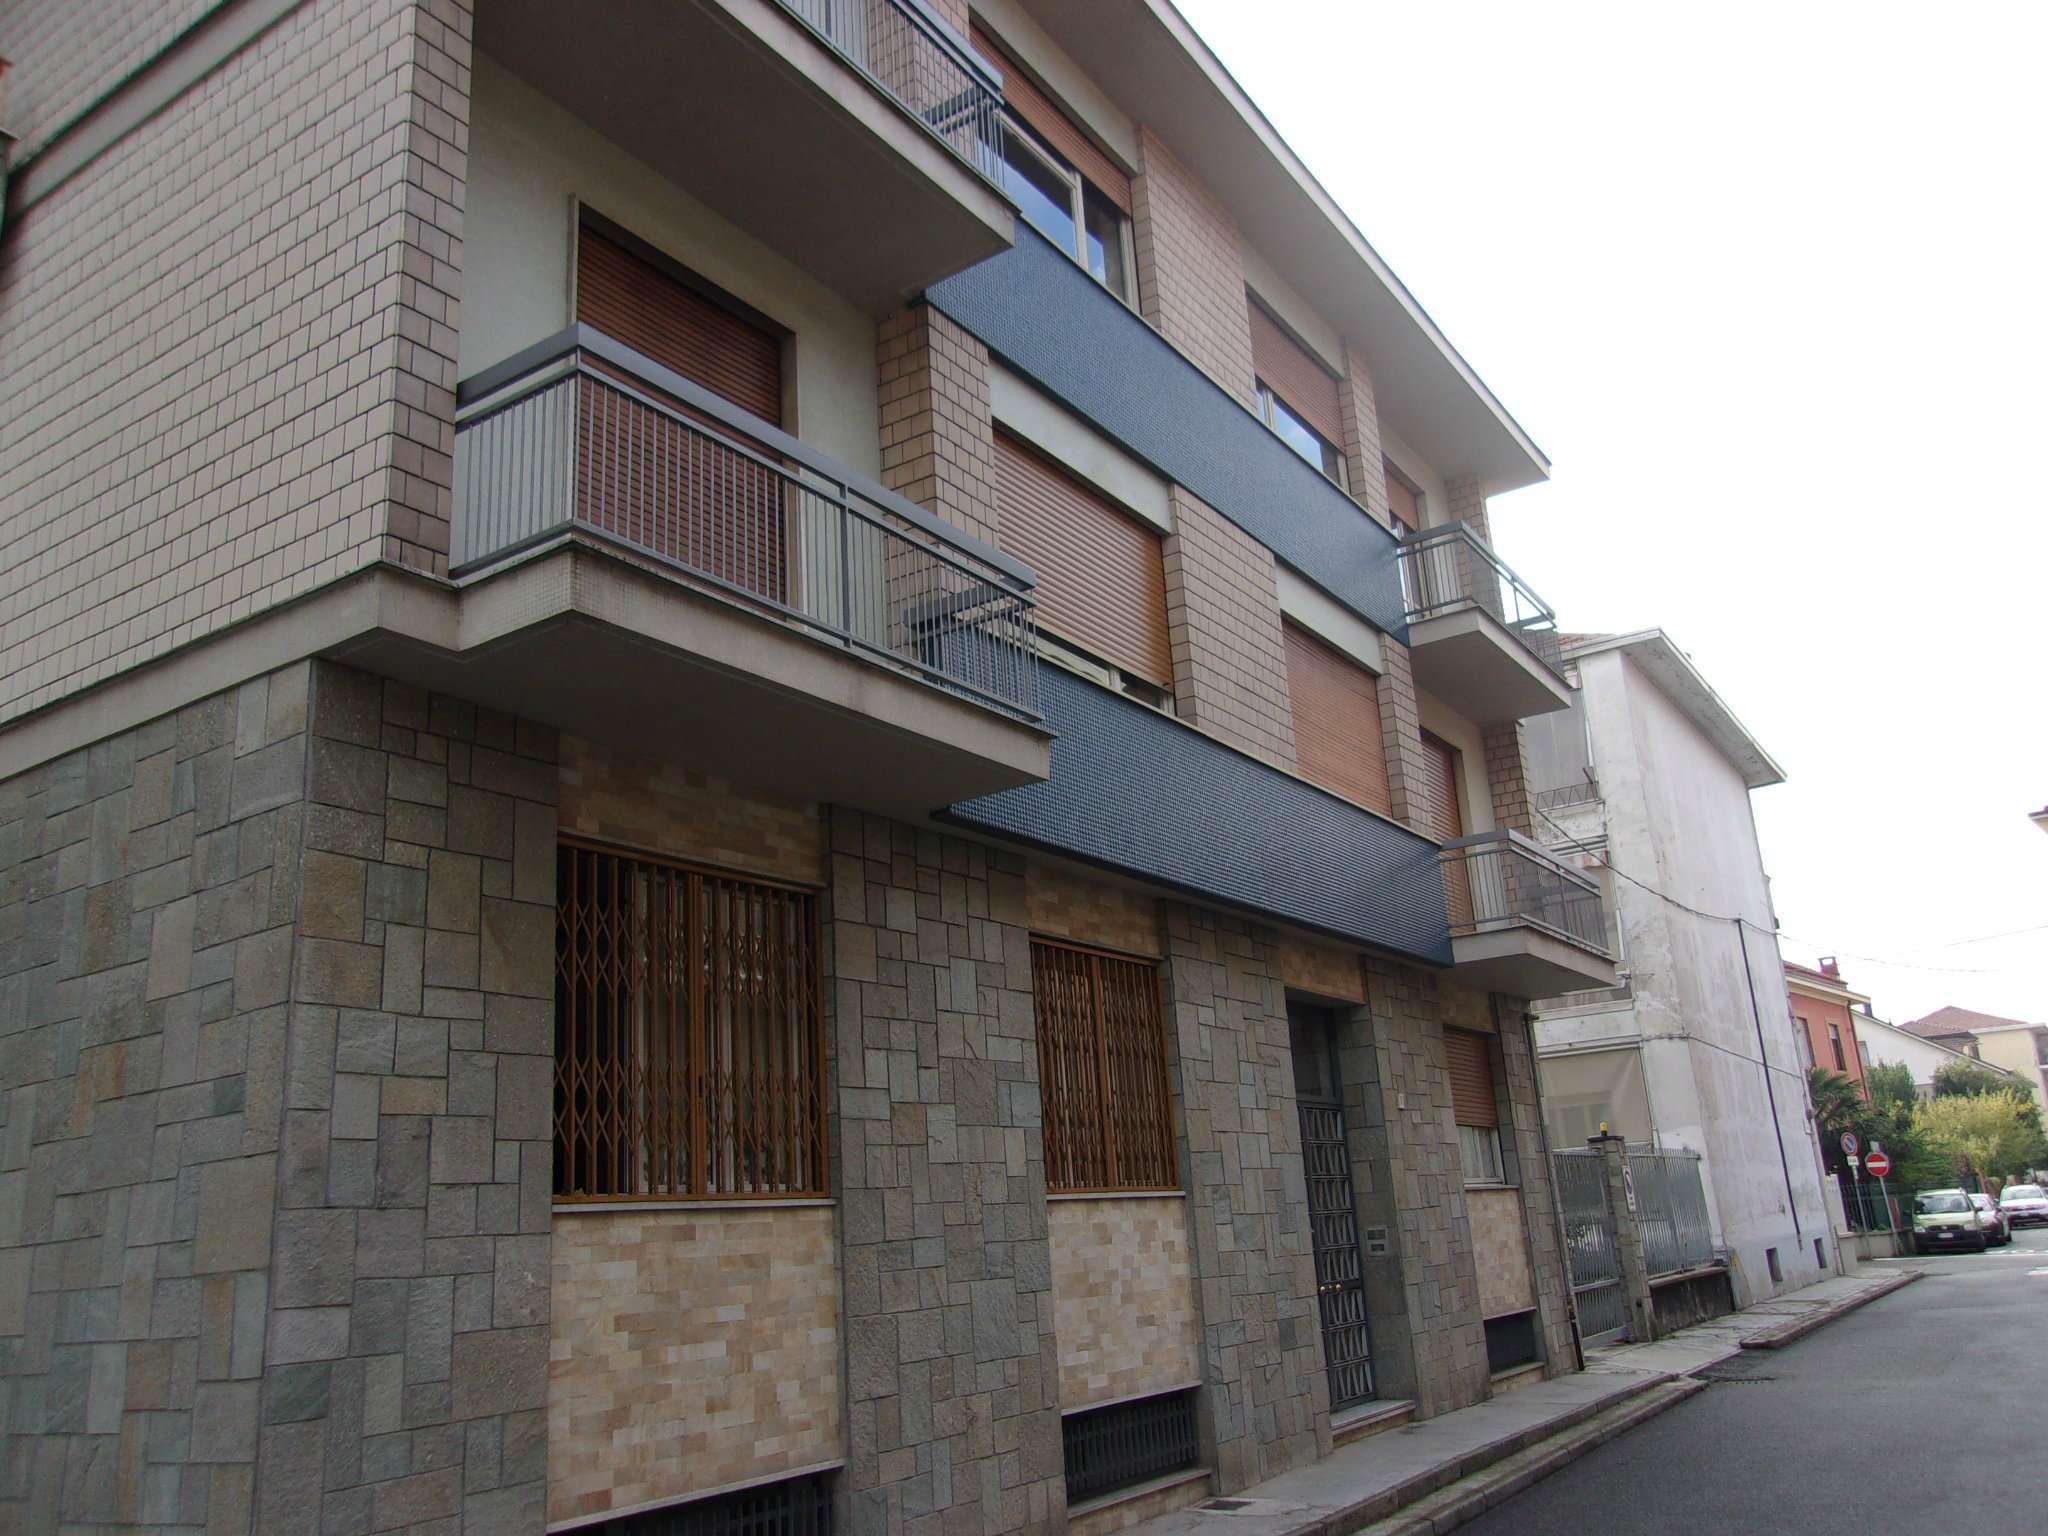 Appartamento in Vendita a Settimo Torinese: 3 locali, 72 mq